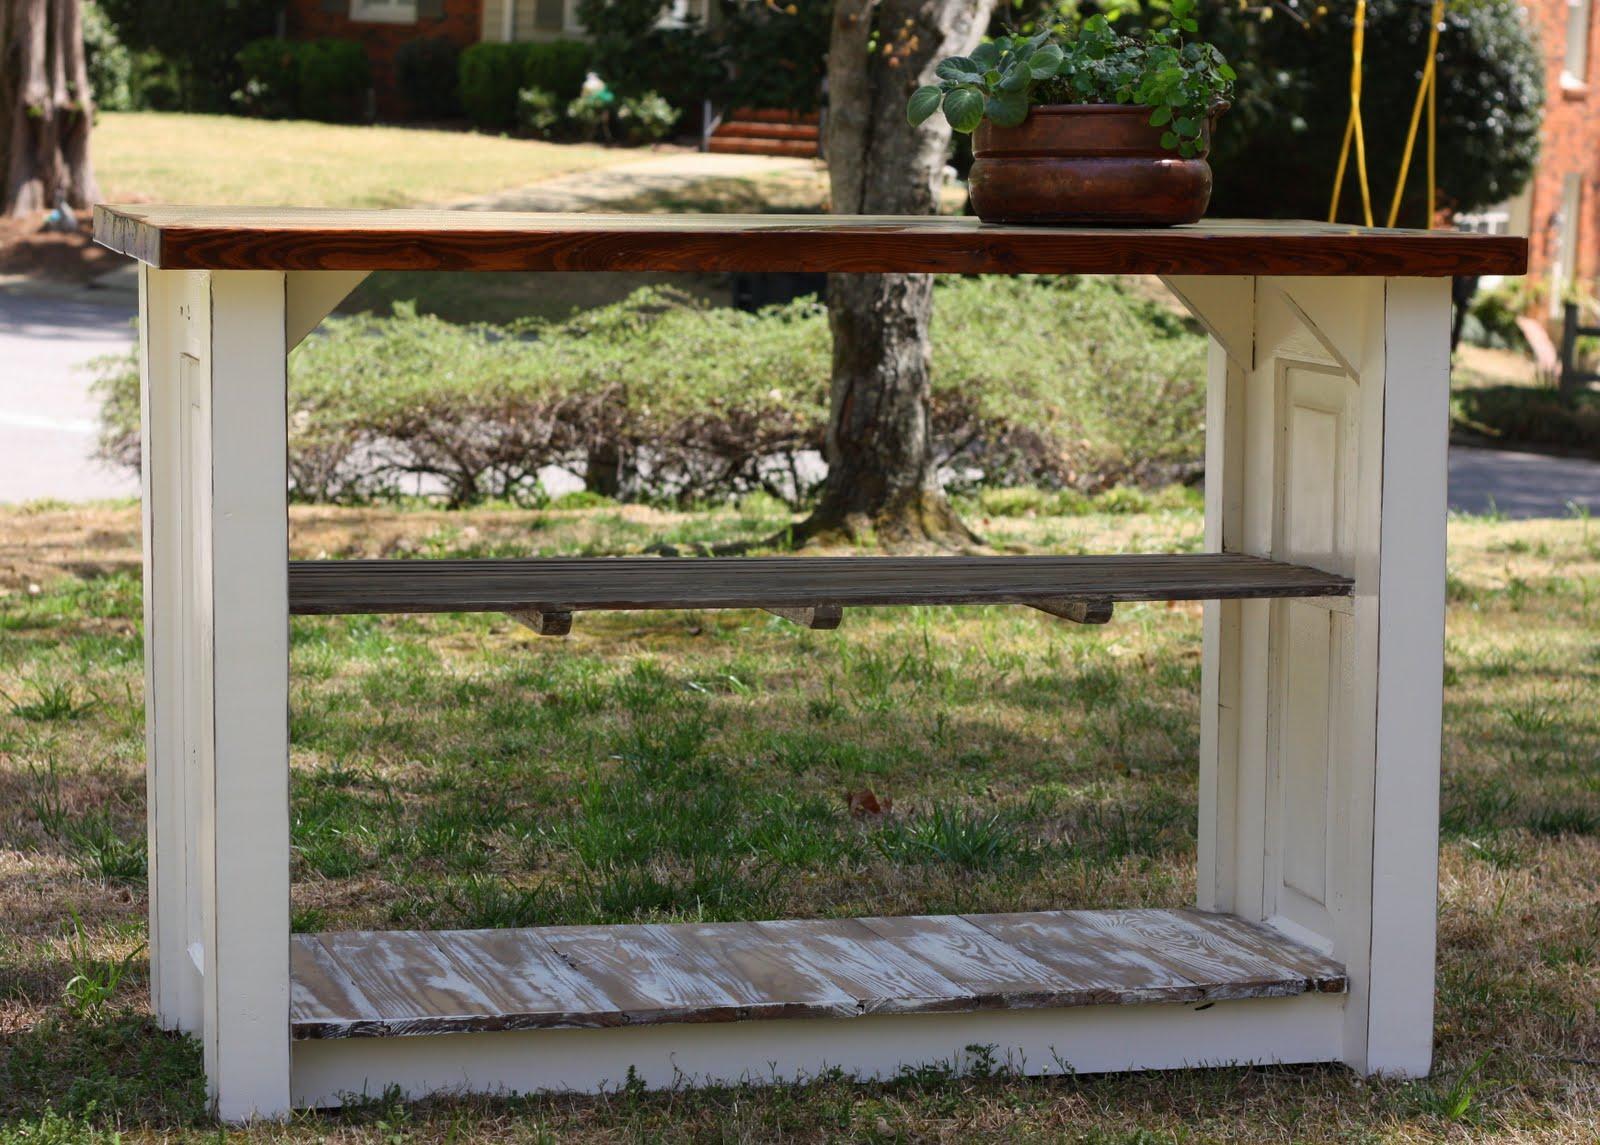 Open Window Antiques April 2010